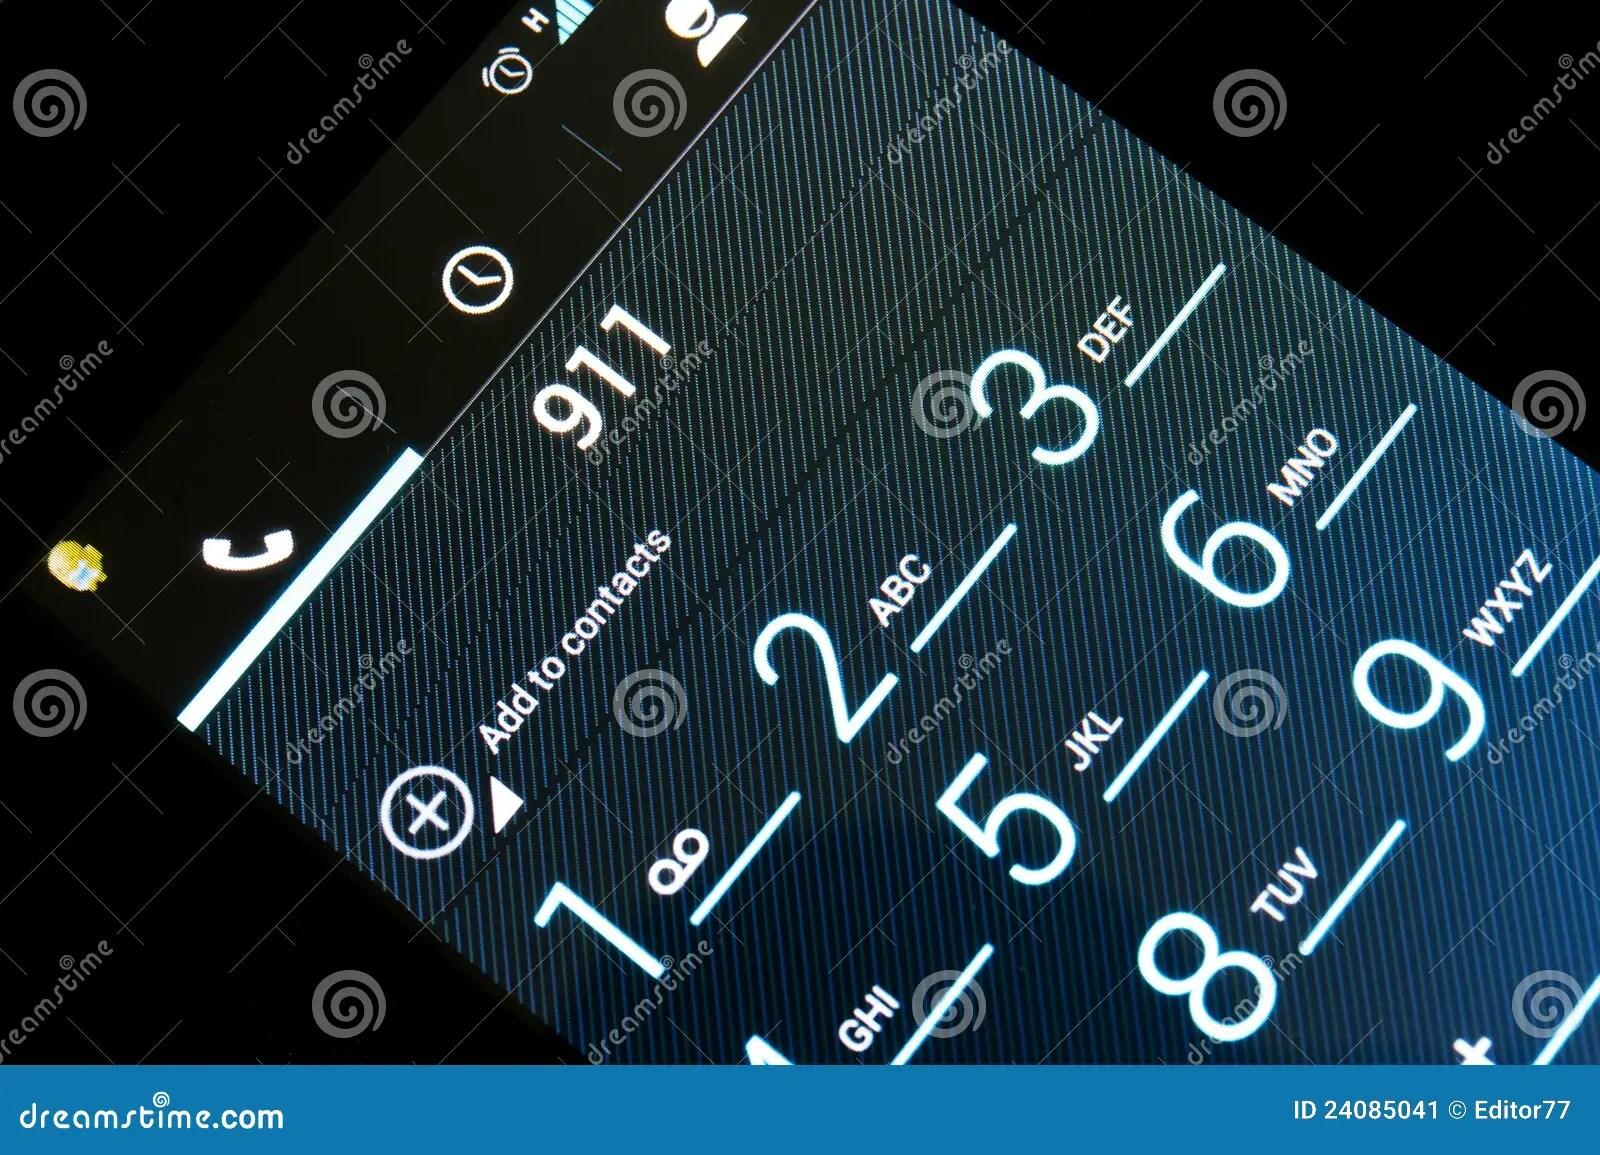 Emergency Call Stock Image Image Of Communication